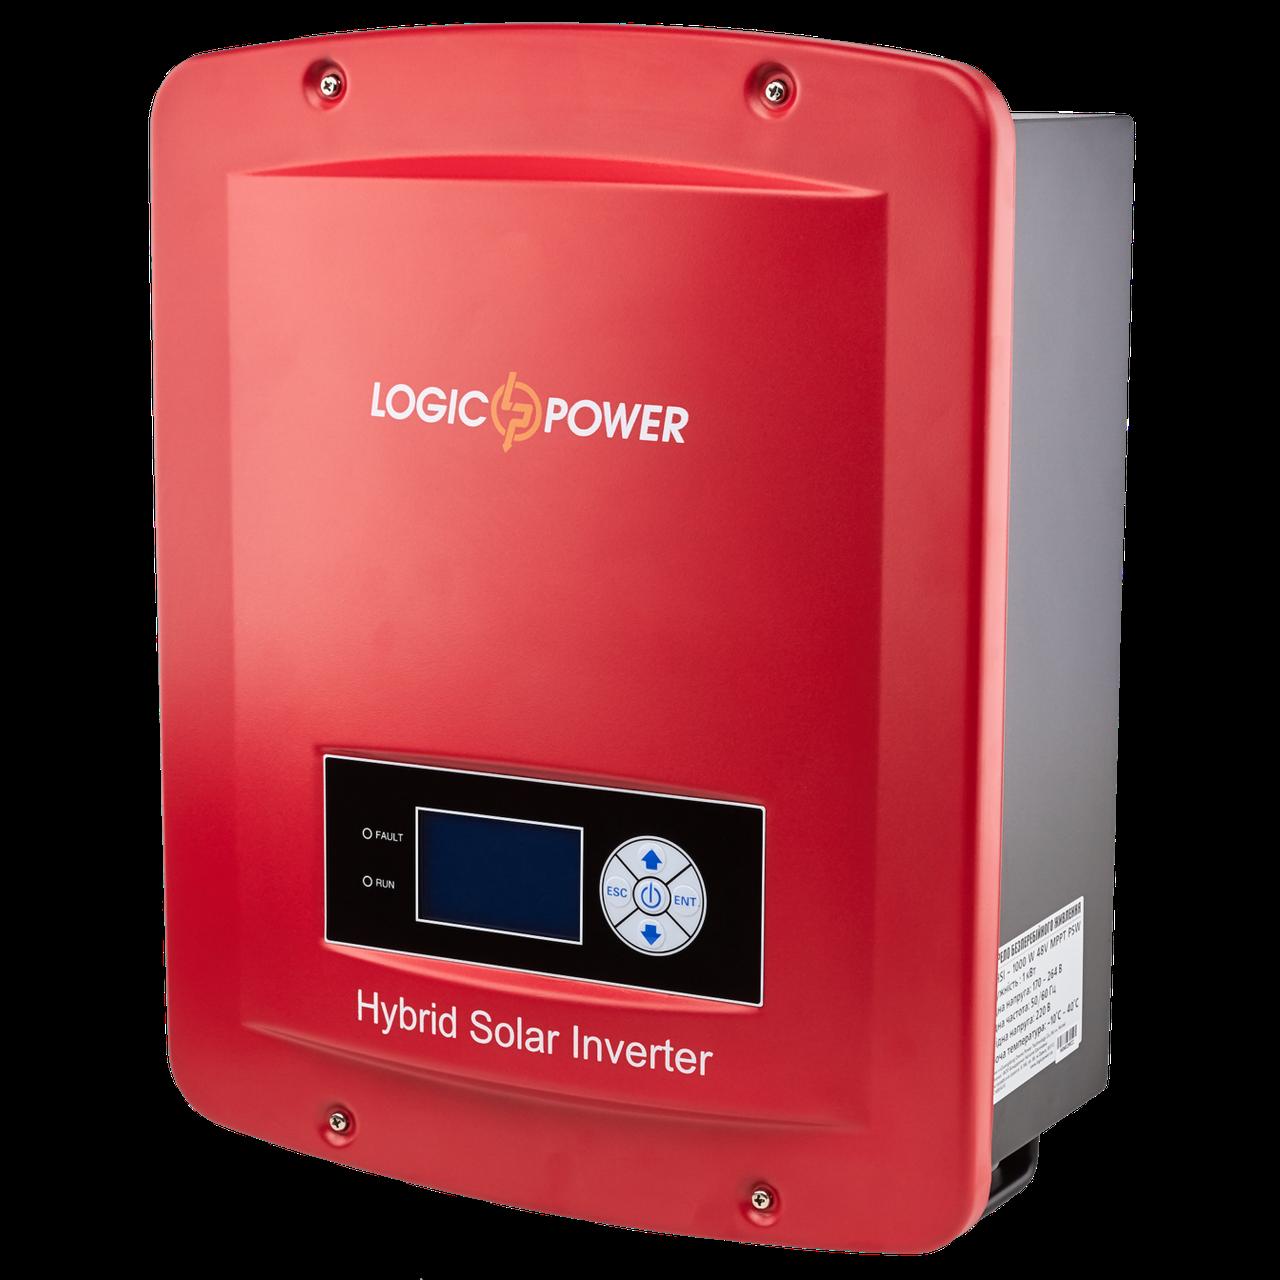 Гібридний інвертор LogicPower LP-GS-HSI 2000W 48v МРРТ PSW